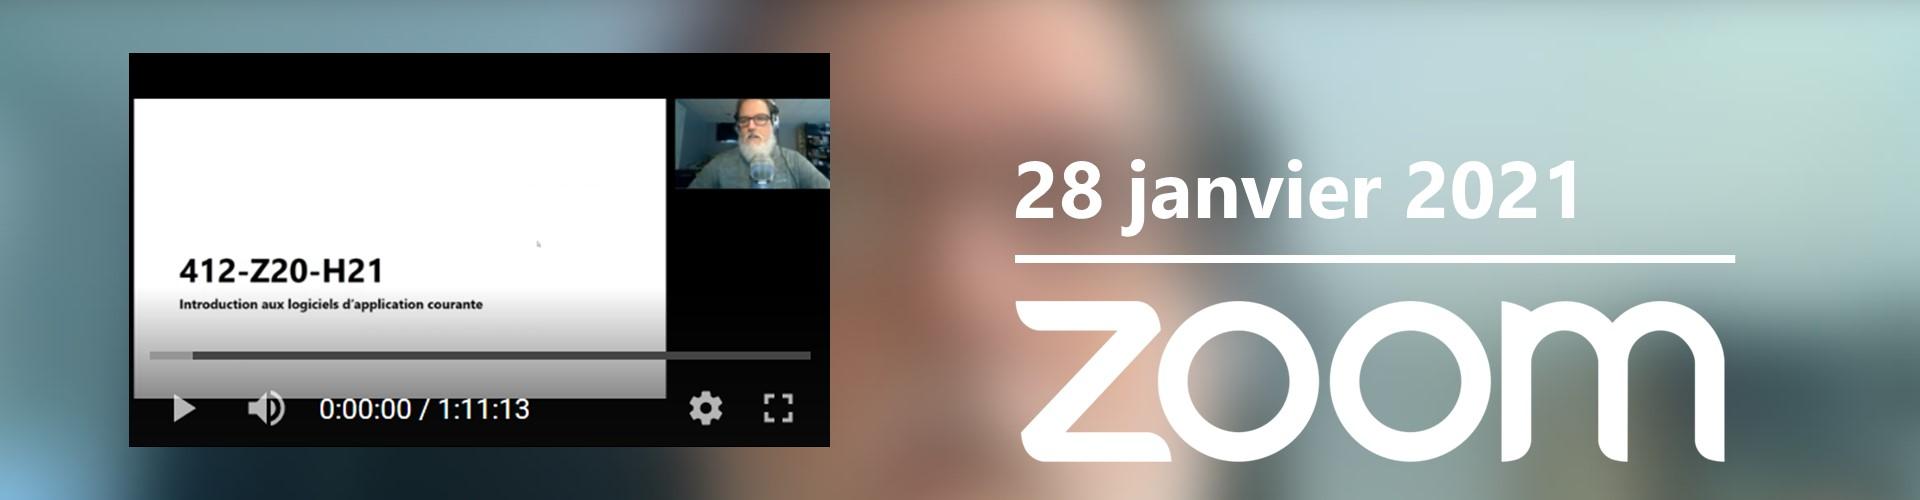 Cours sur Zoom semaine 1